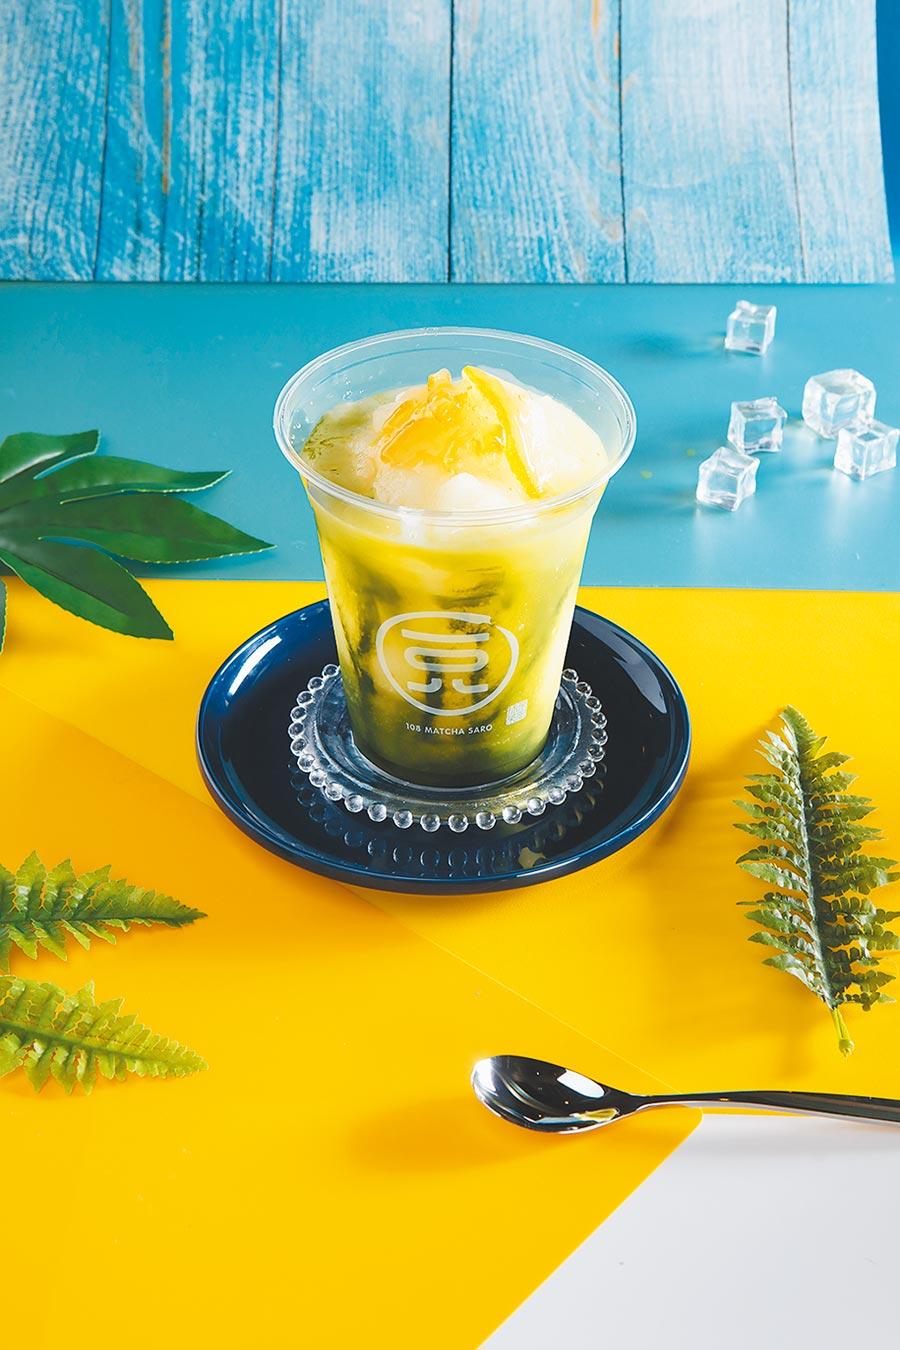 京站的日本抹茶甜品專門店「一○八抹茶茶廊」,今夏推出柚子抹茶冰沙,108元。(京站提供)